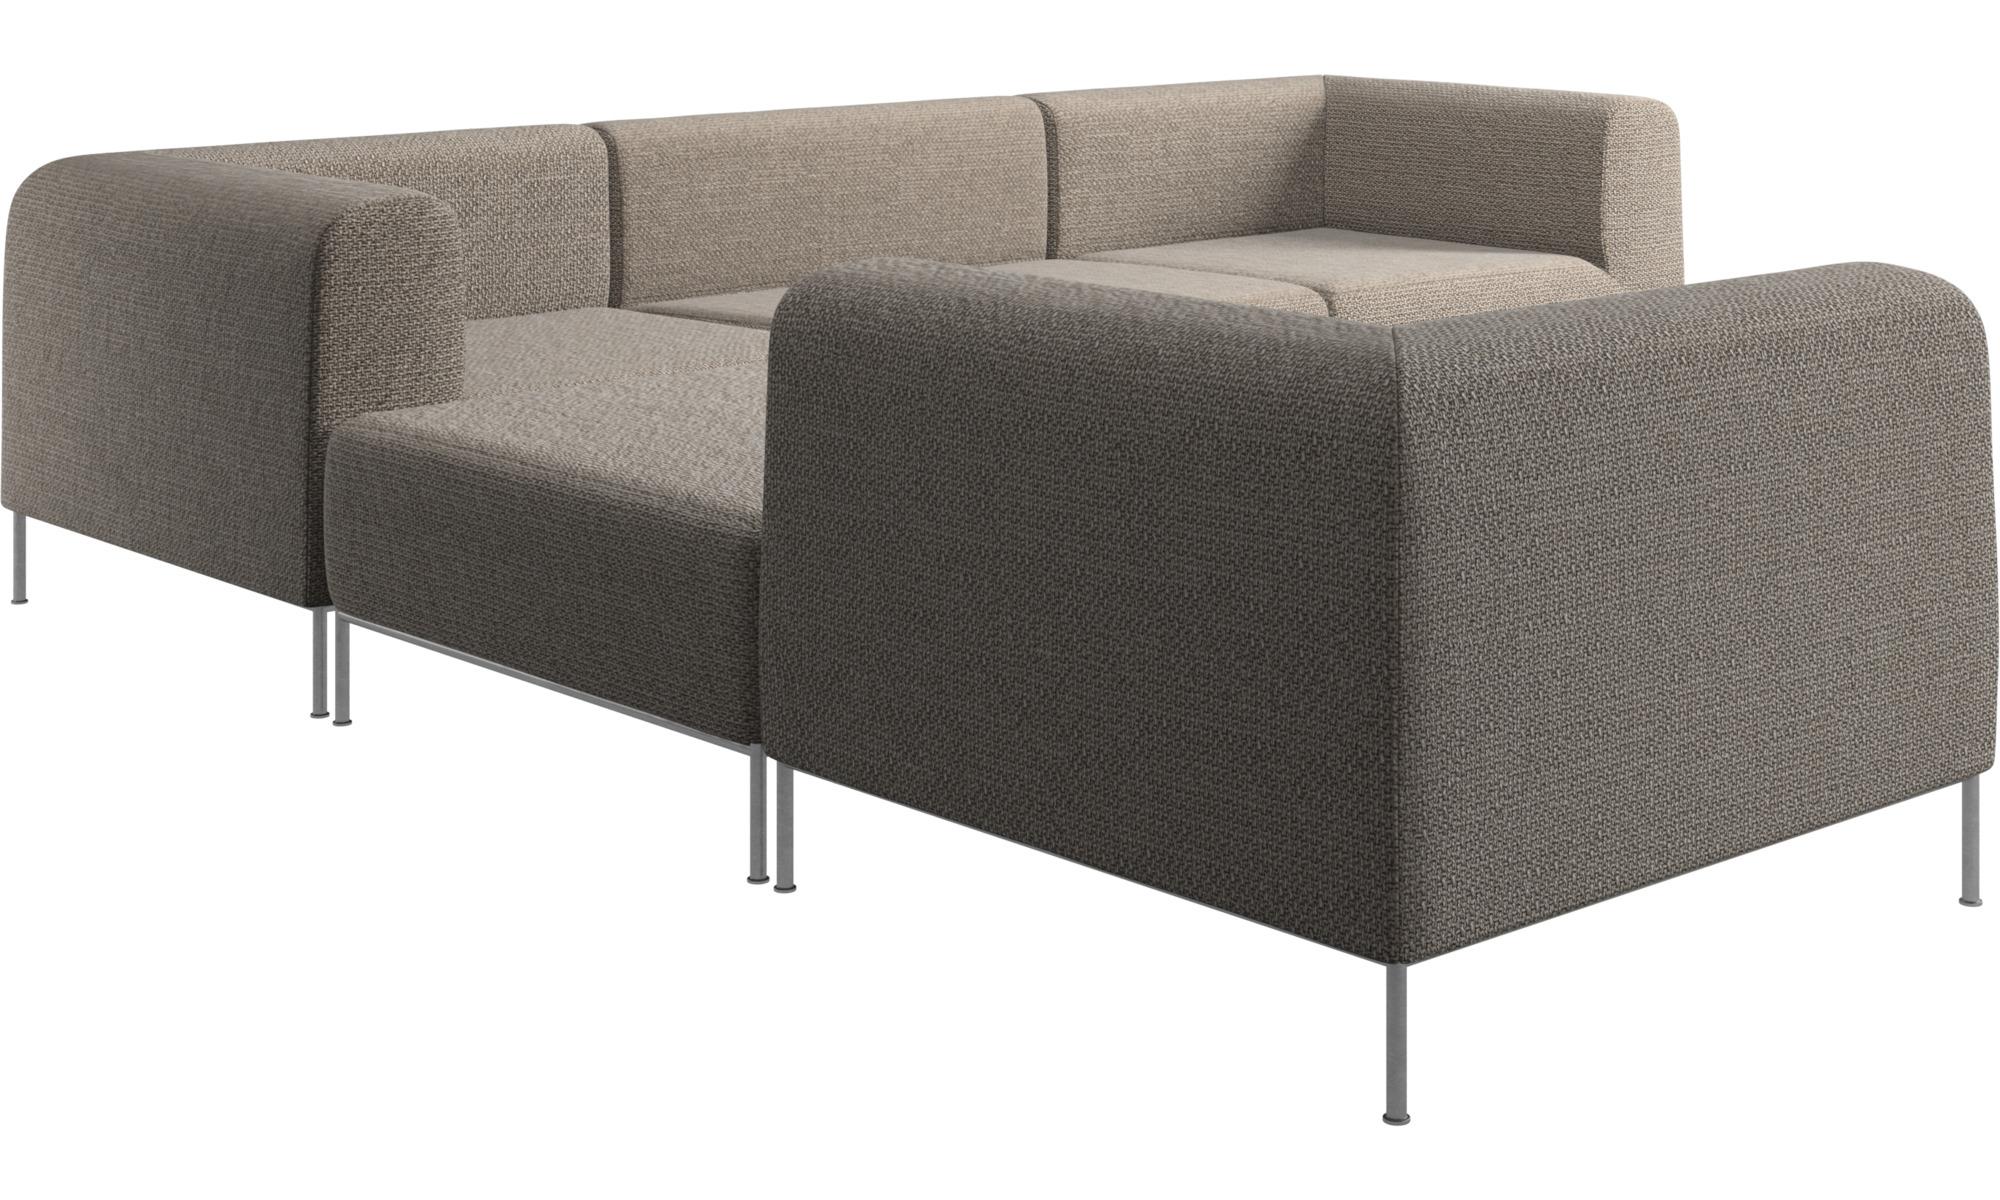 Sof s modulares sof miami de esquina con pouf en el lado izquierdo boconcept - Sofas de esquina ...